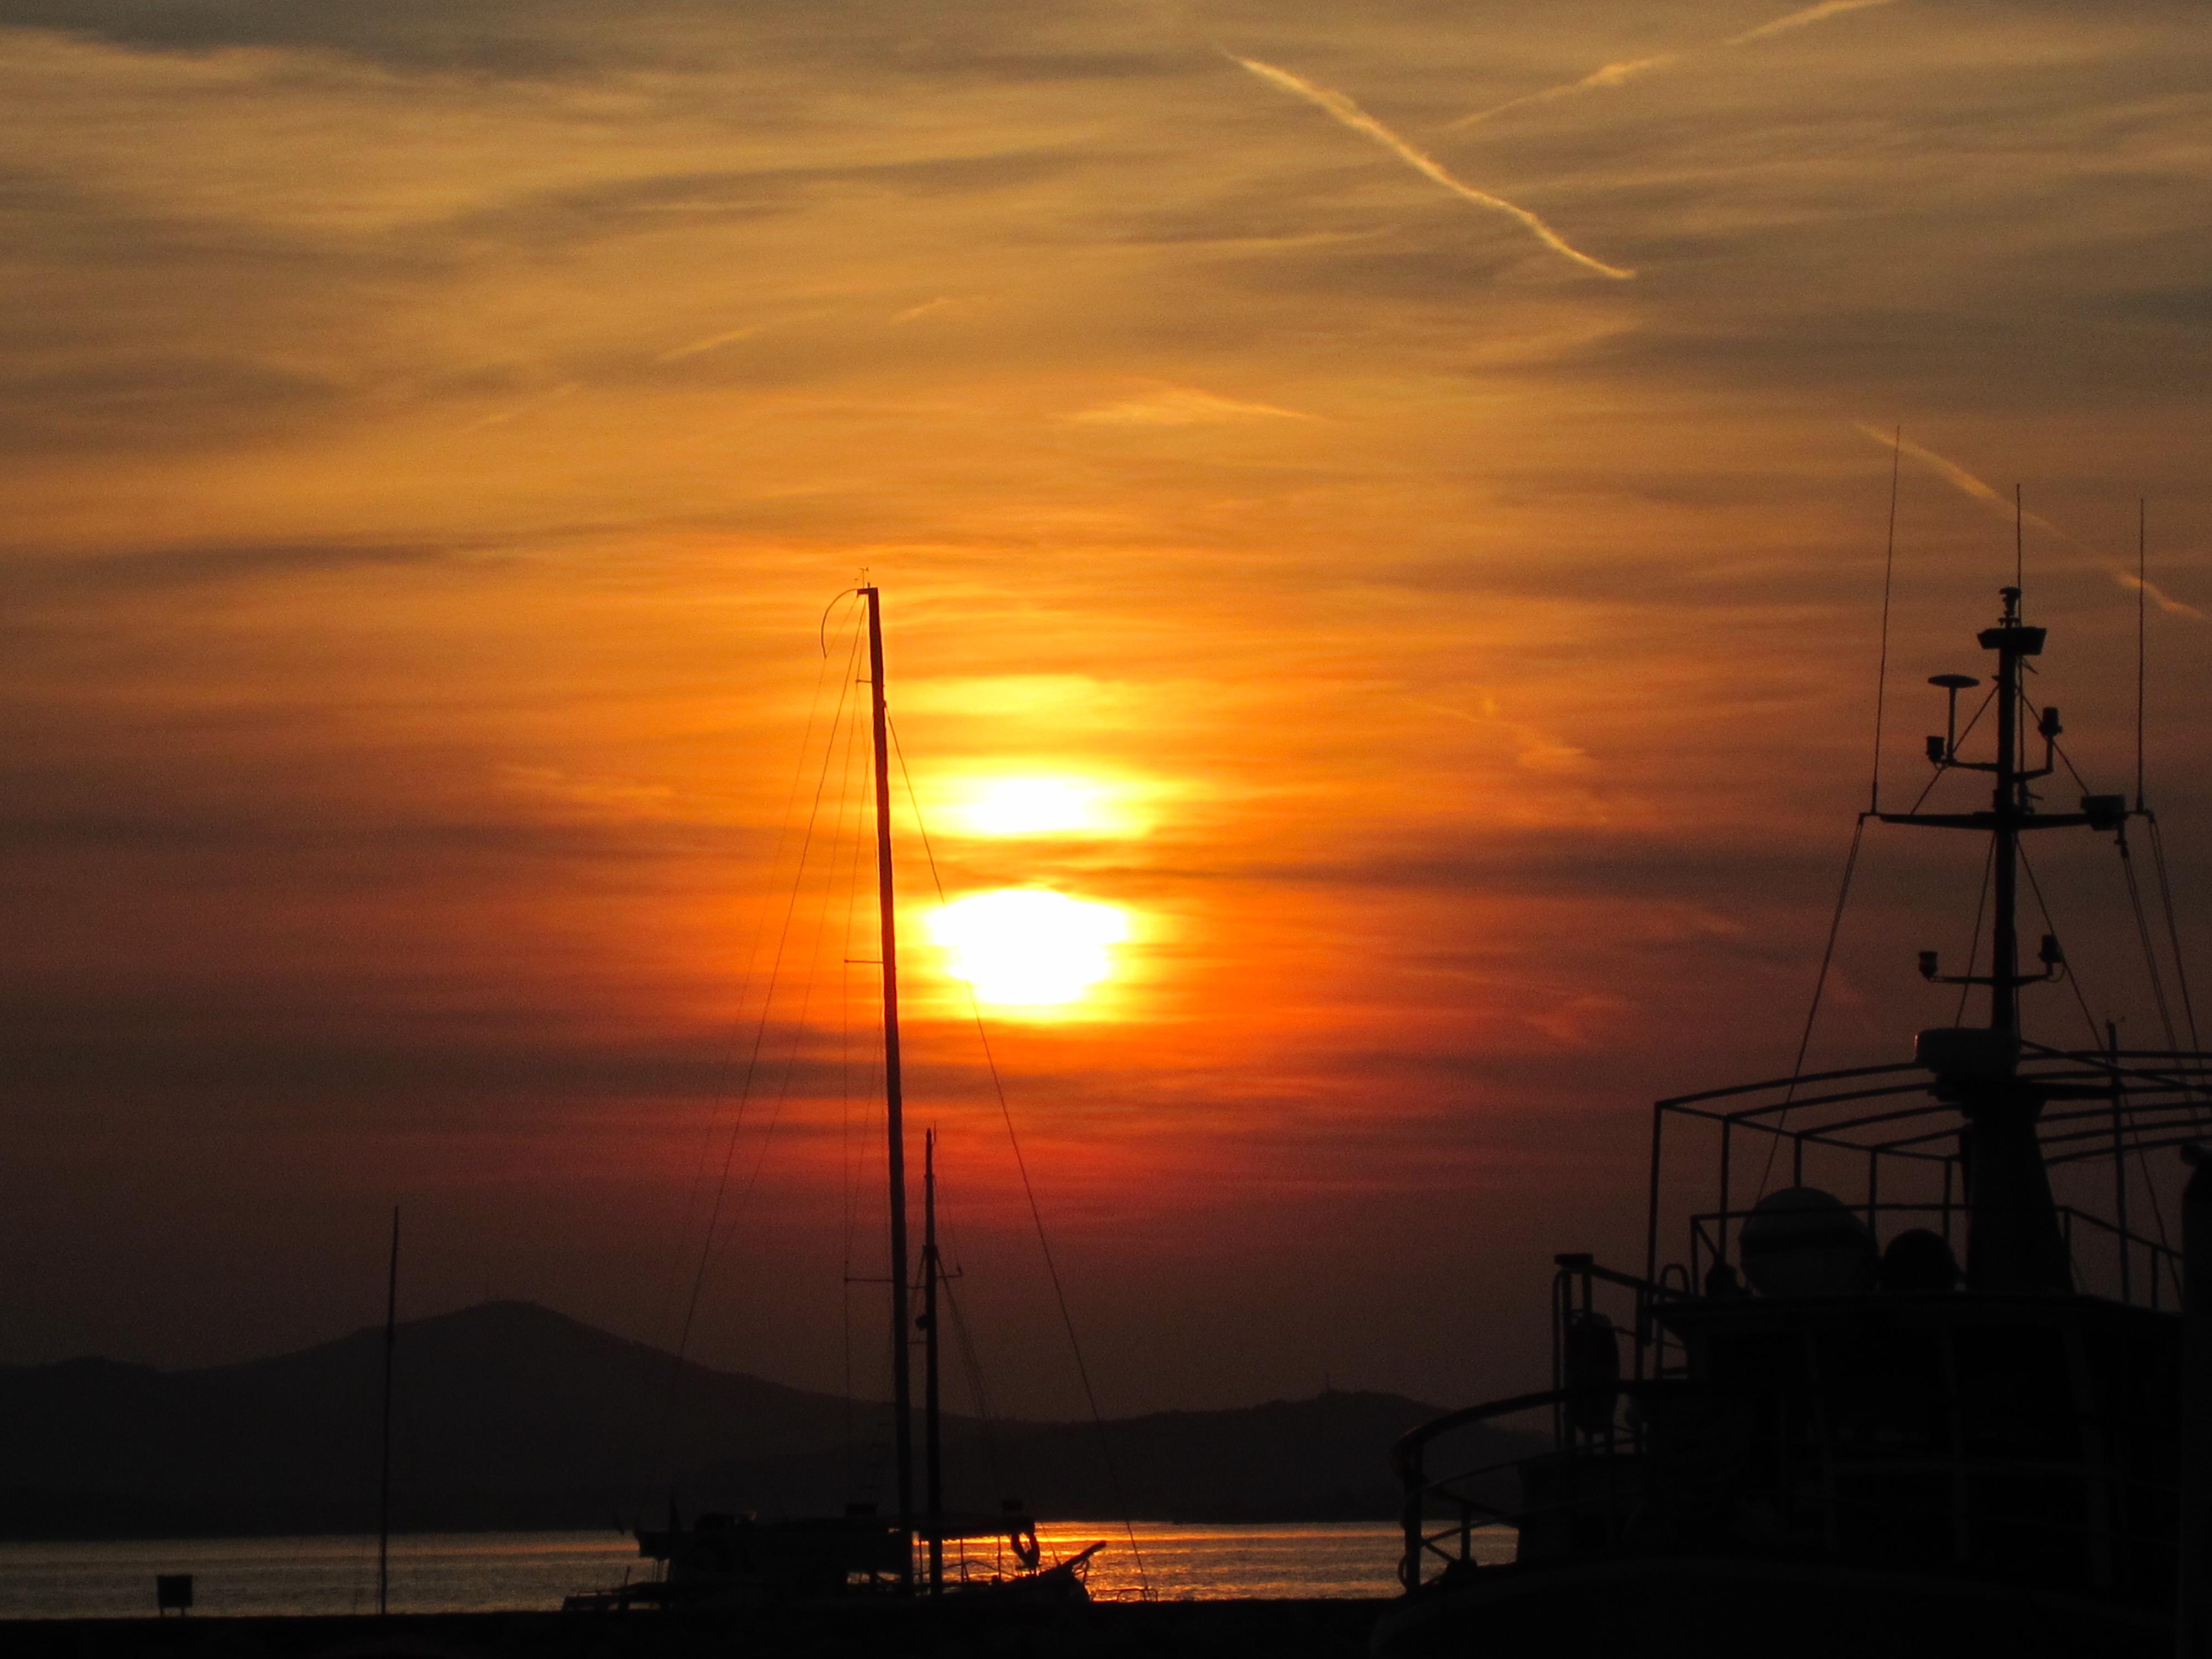 En solnedgång i skimrande gula nyanser där berg skymtar i bakgrunden och i förgrunden fiskebåtar och båtmasten vid kajen